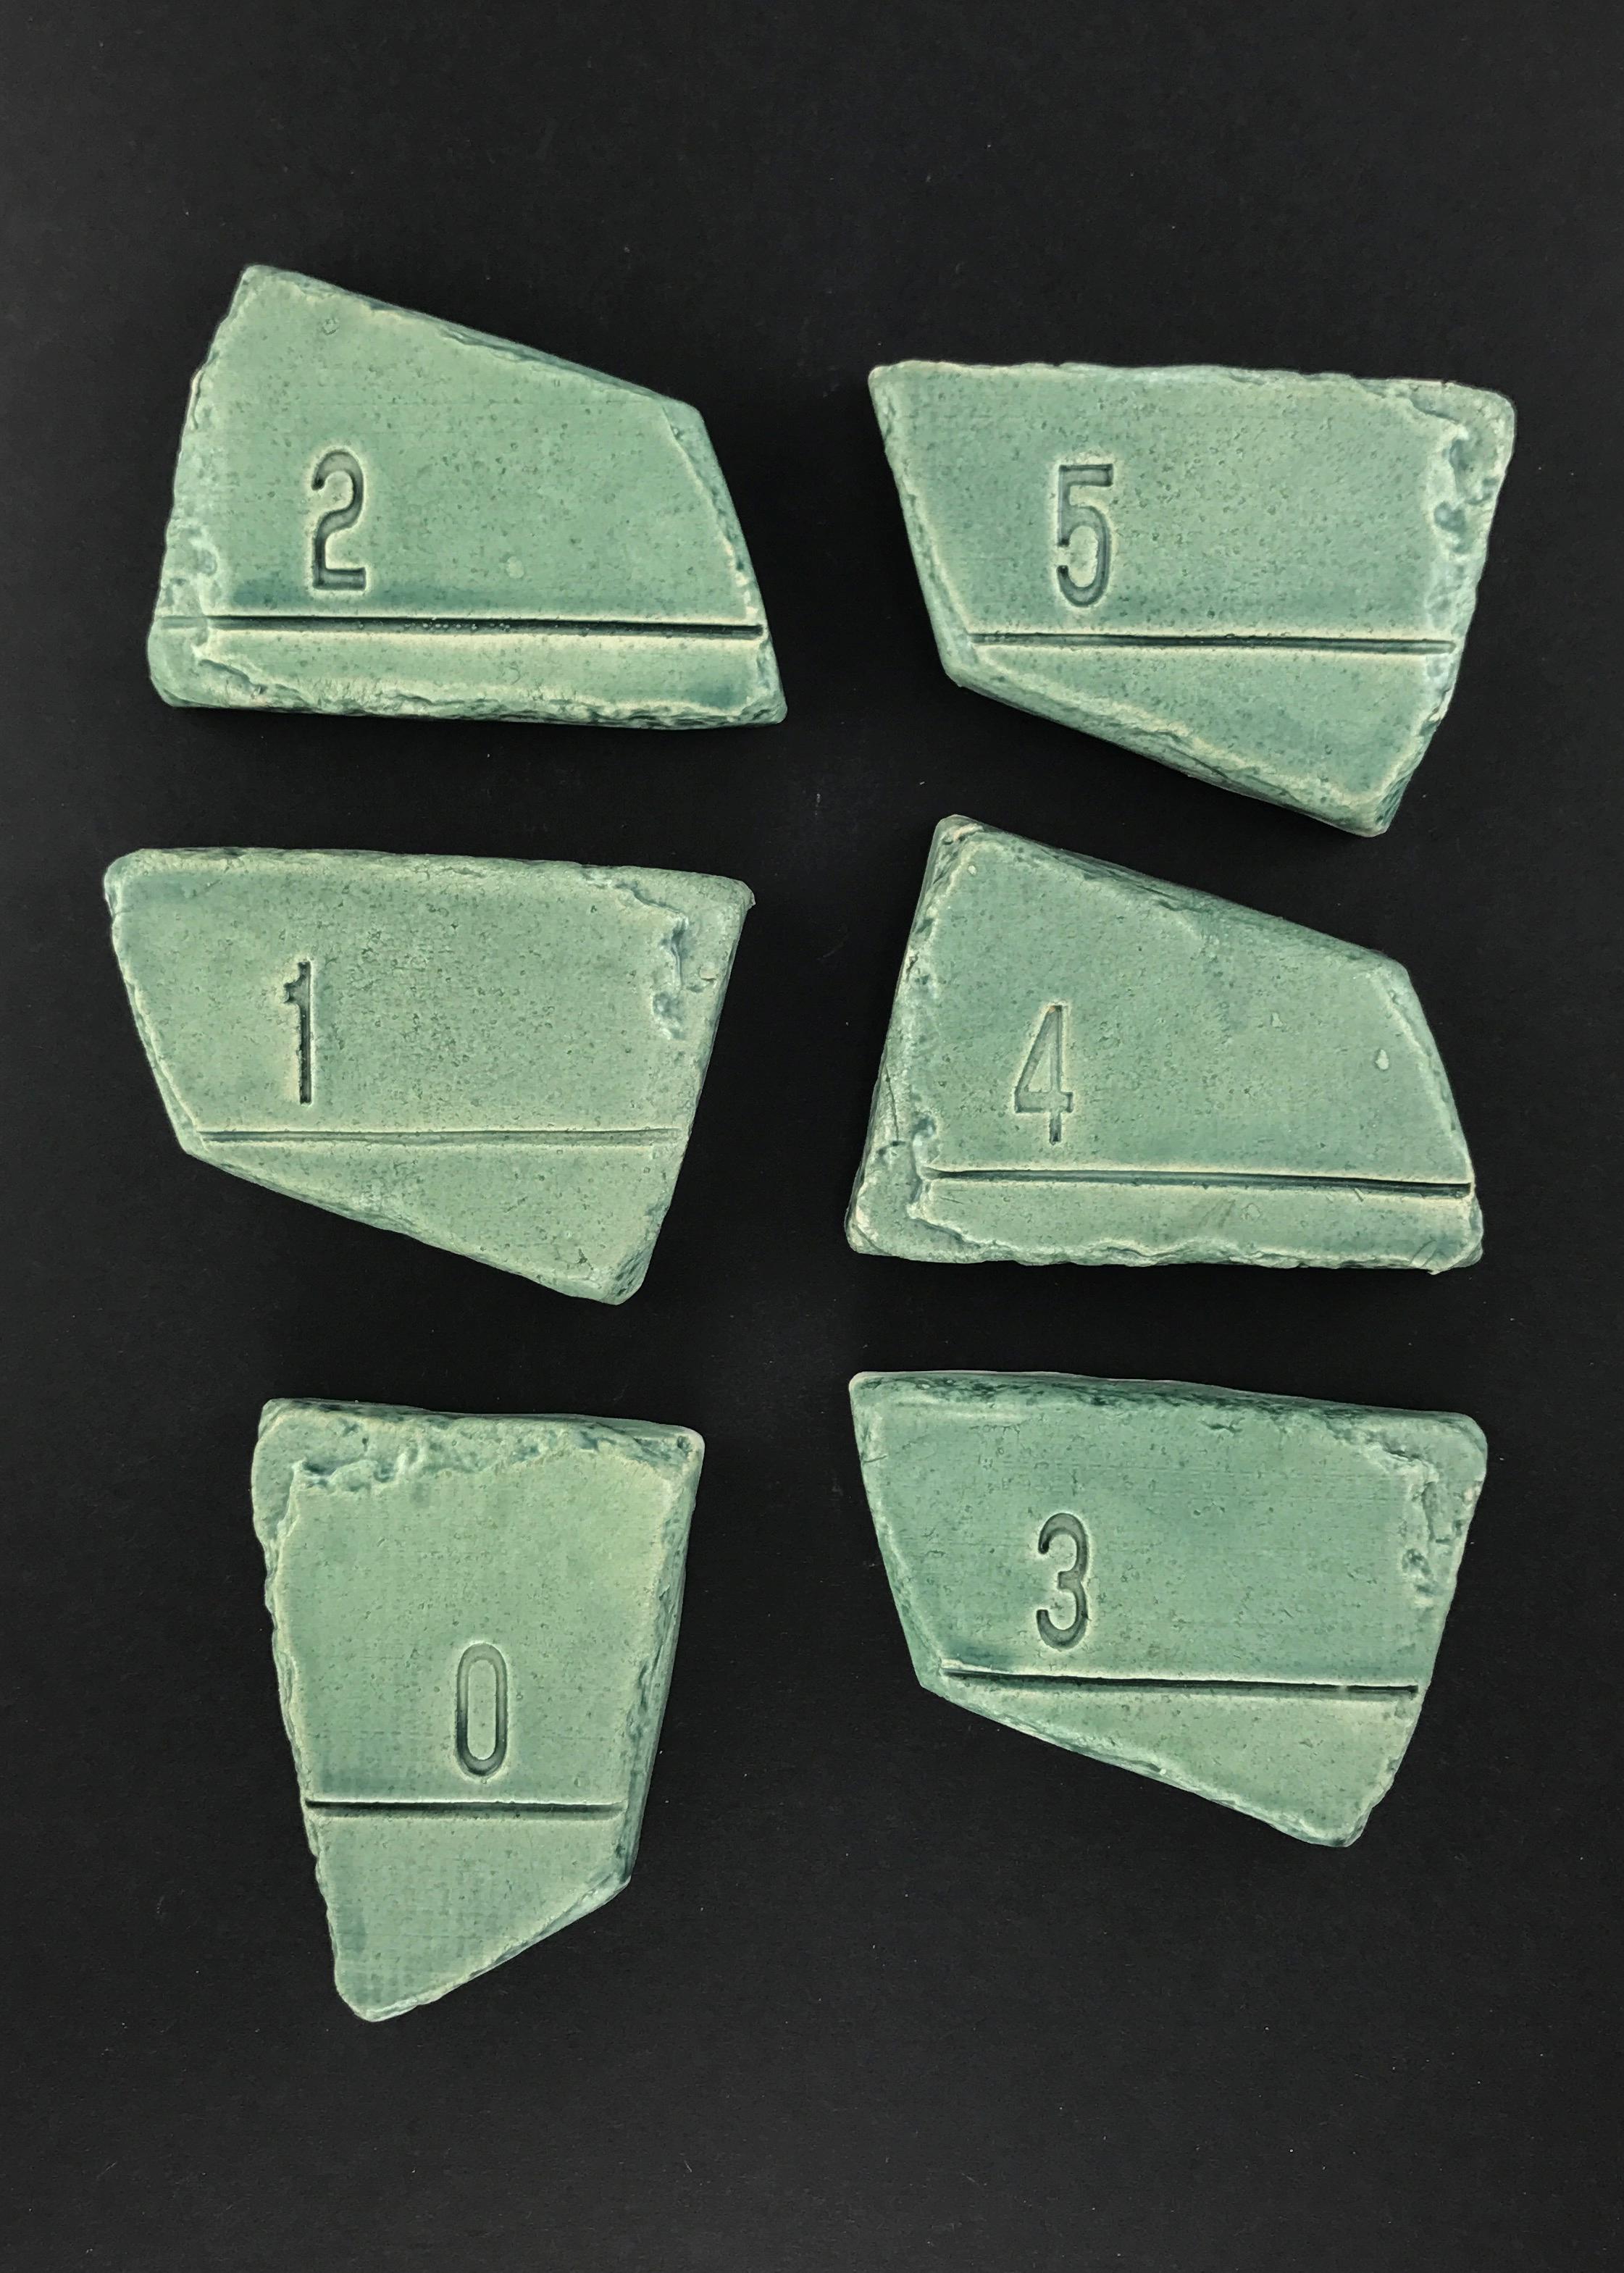 Vingl målværk 0-5 år - havgrøn målestok, 8 stk. på lager fra Vingl på pixizoo